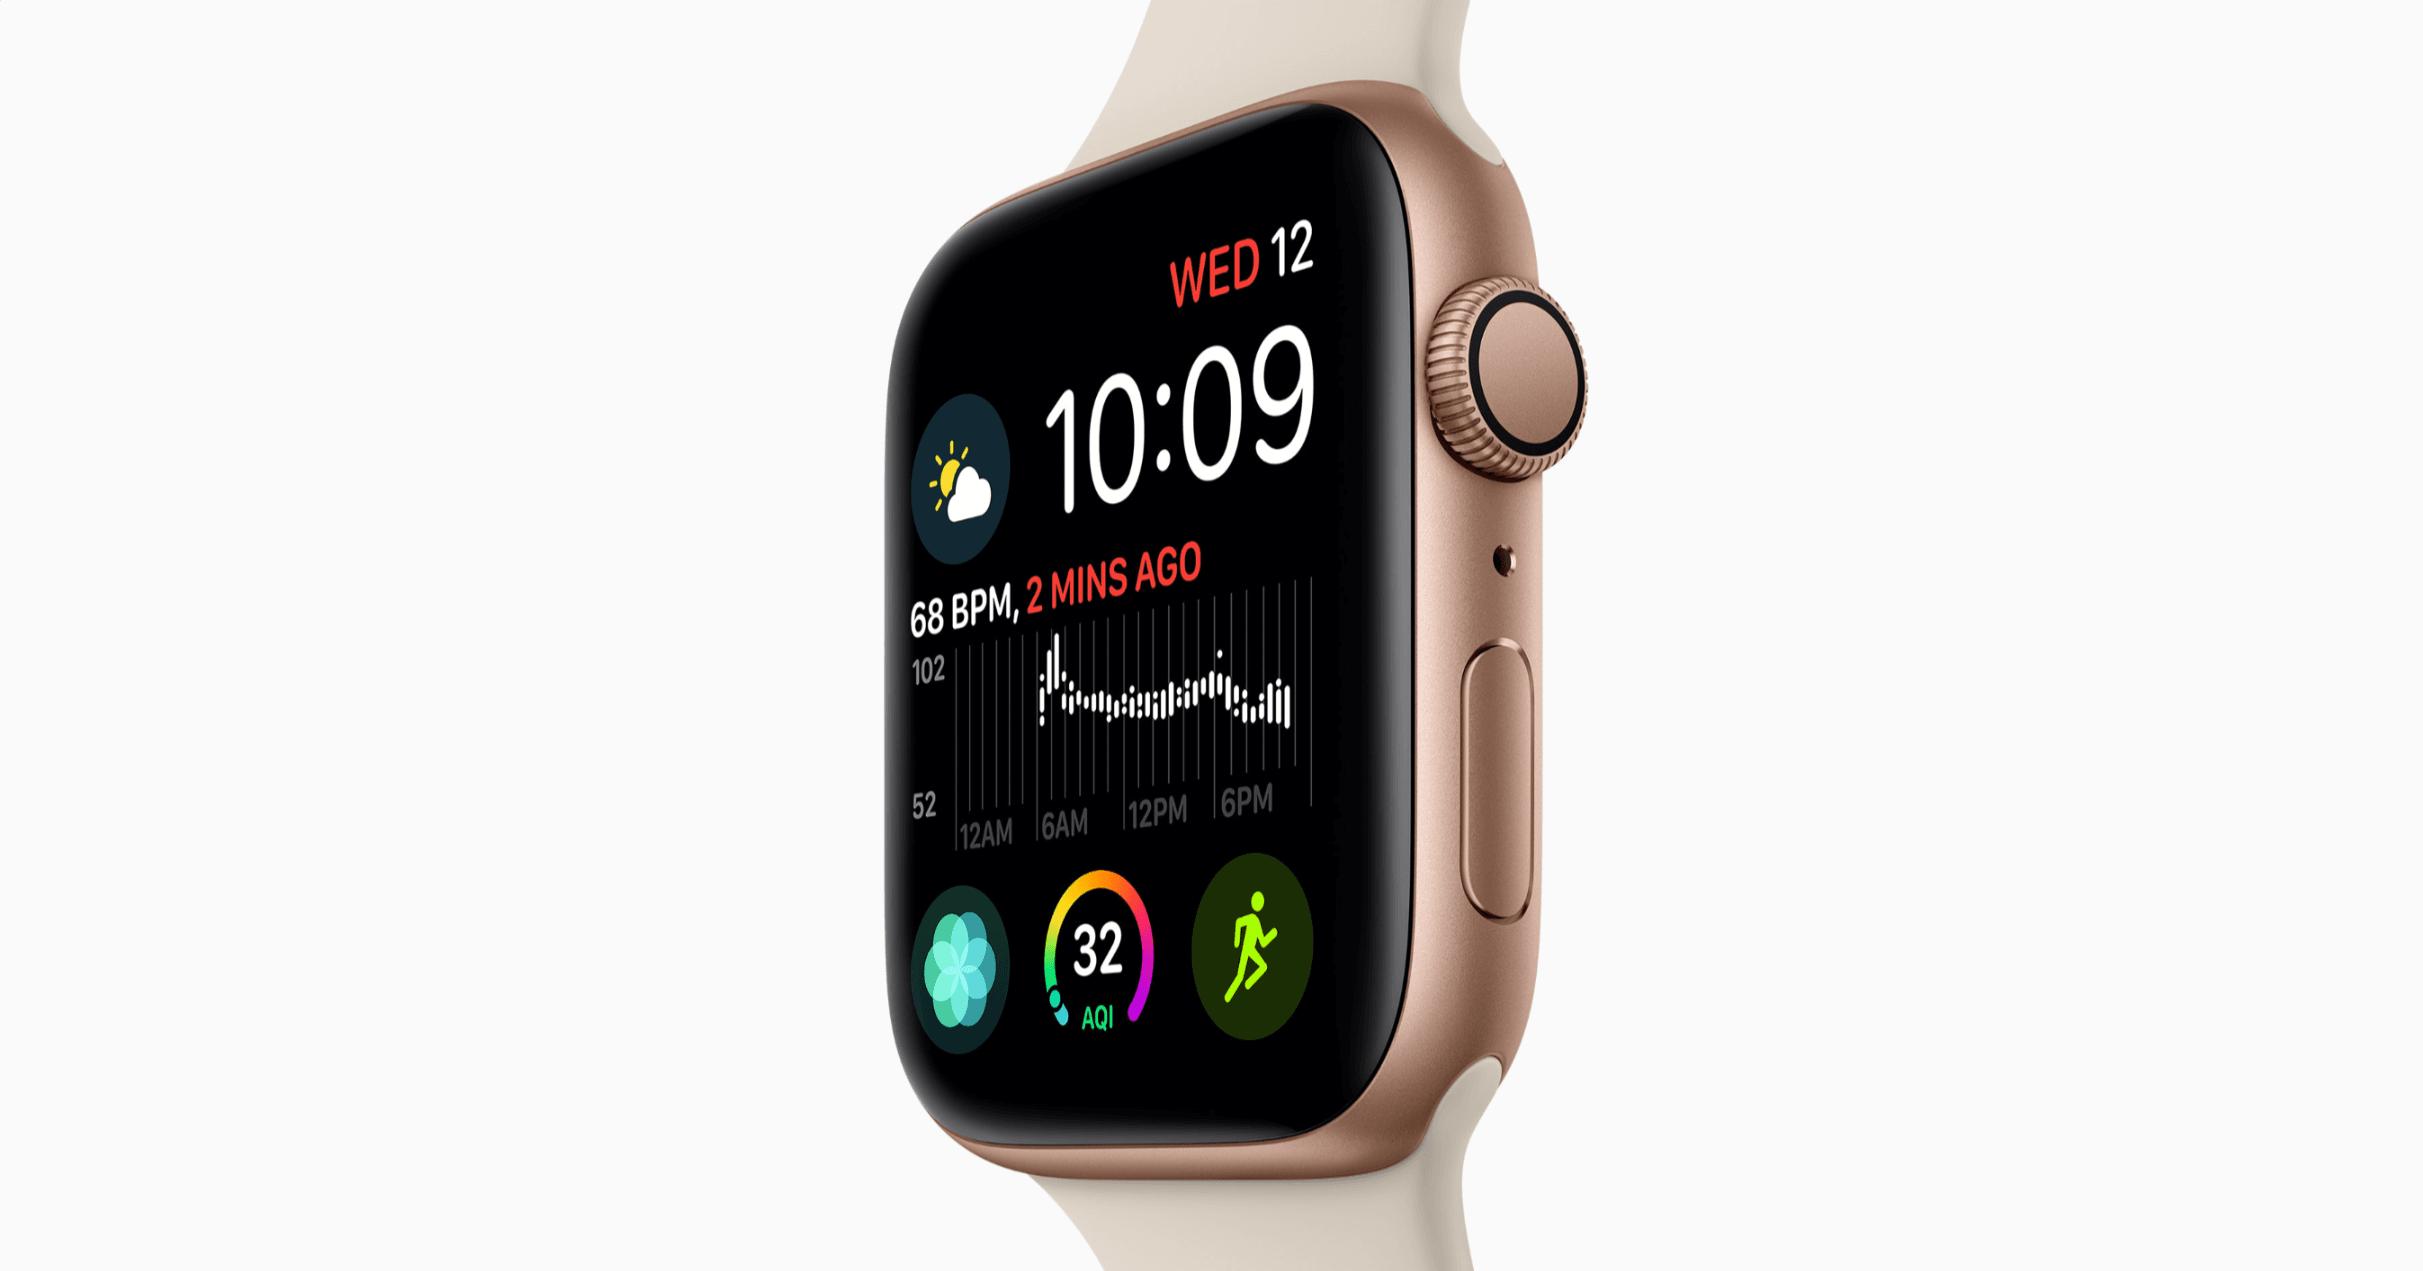 Użytkownicy bety watchOS 5.2 na Apple Watch LTE mogą już korzystać z eSIM w Orange 19